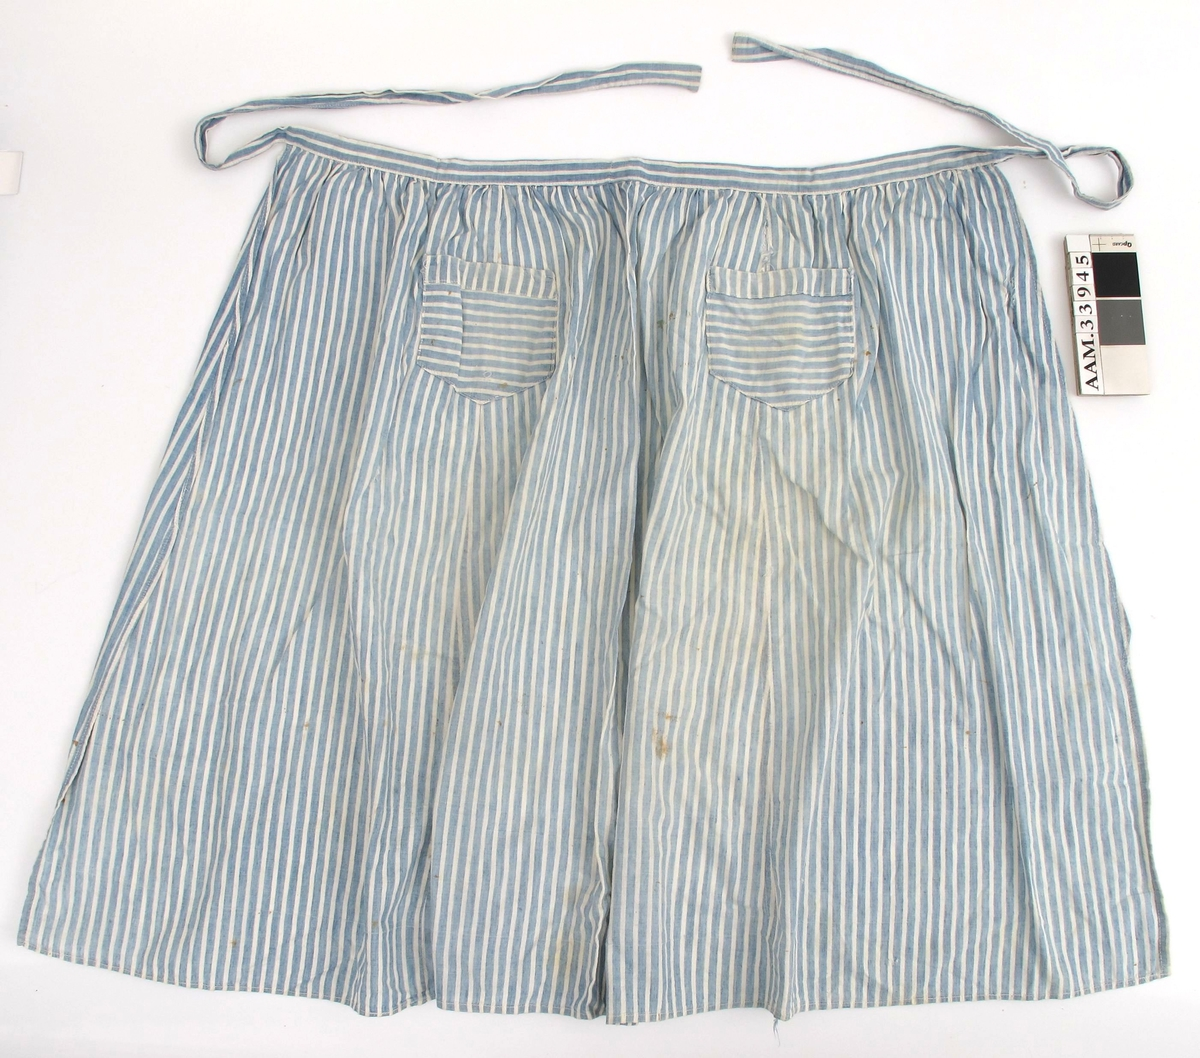 Forkle av stripet bomullstoff i blått og hvitt.  Hjemmesydd. Liten lomme med stripene plassert på tvers.